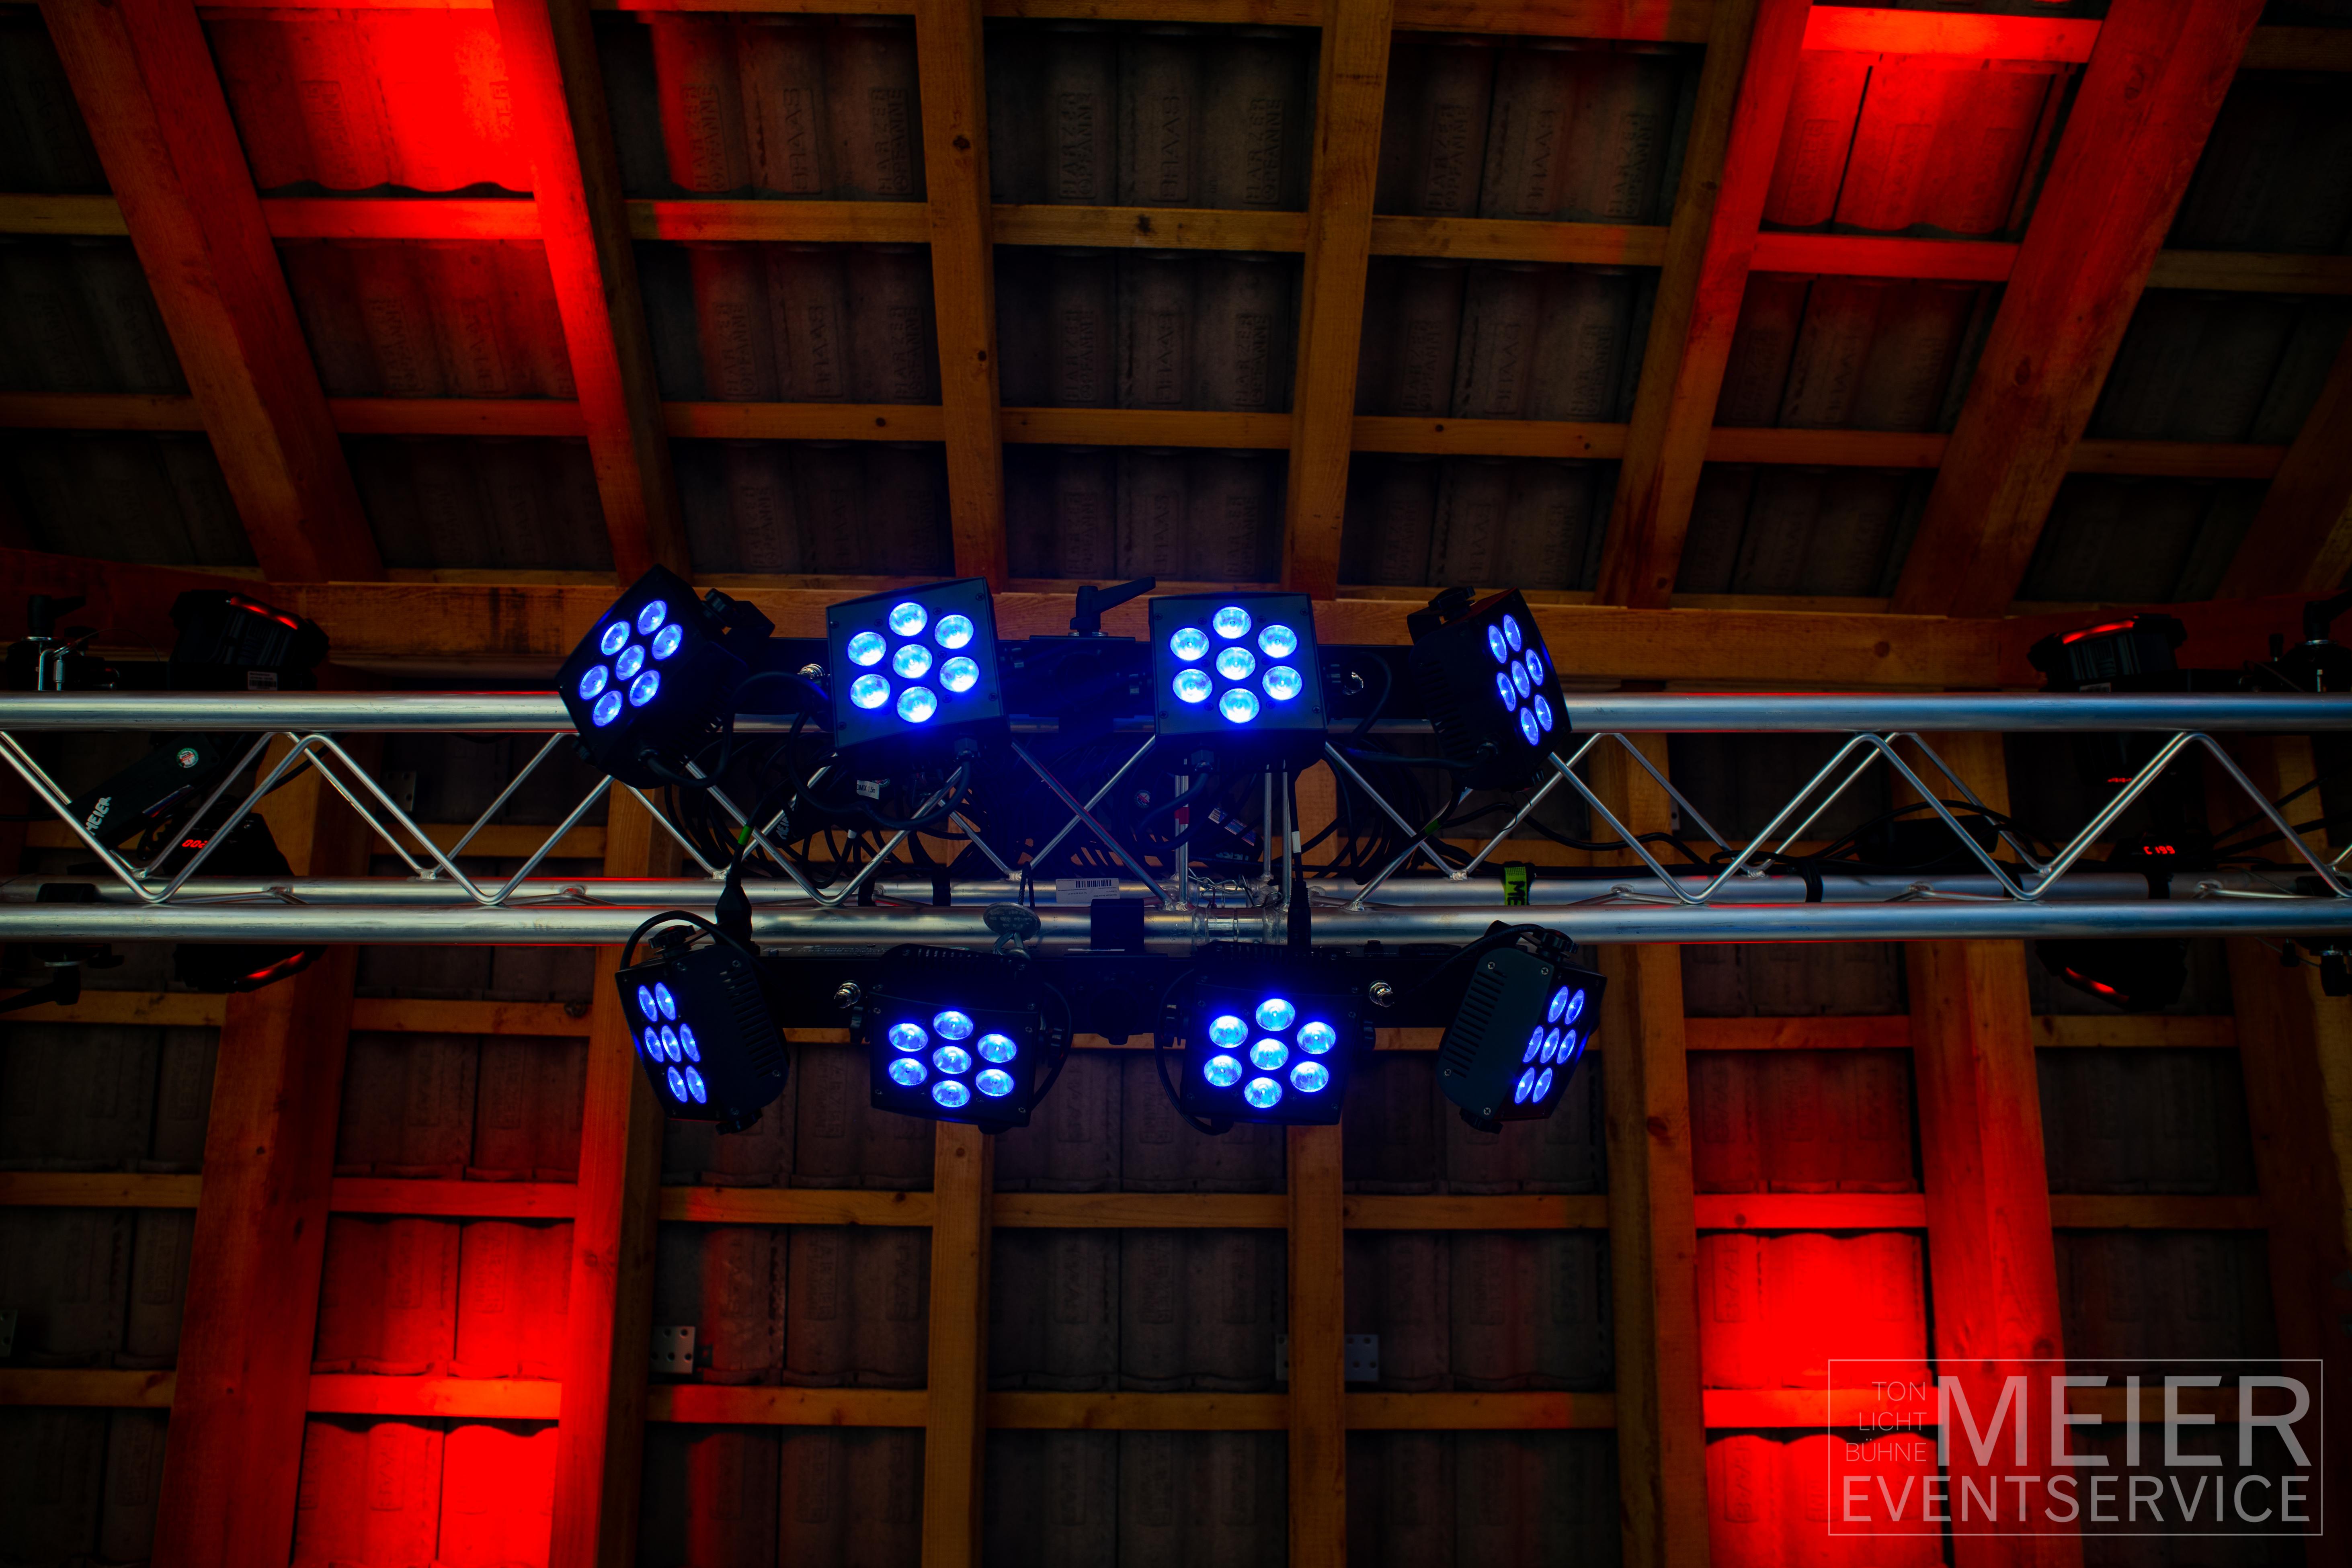 Lichttechnik, Led Beleuchtung, Partybeleuchtung